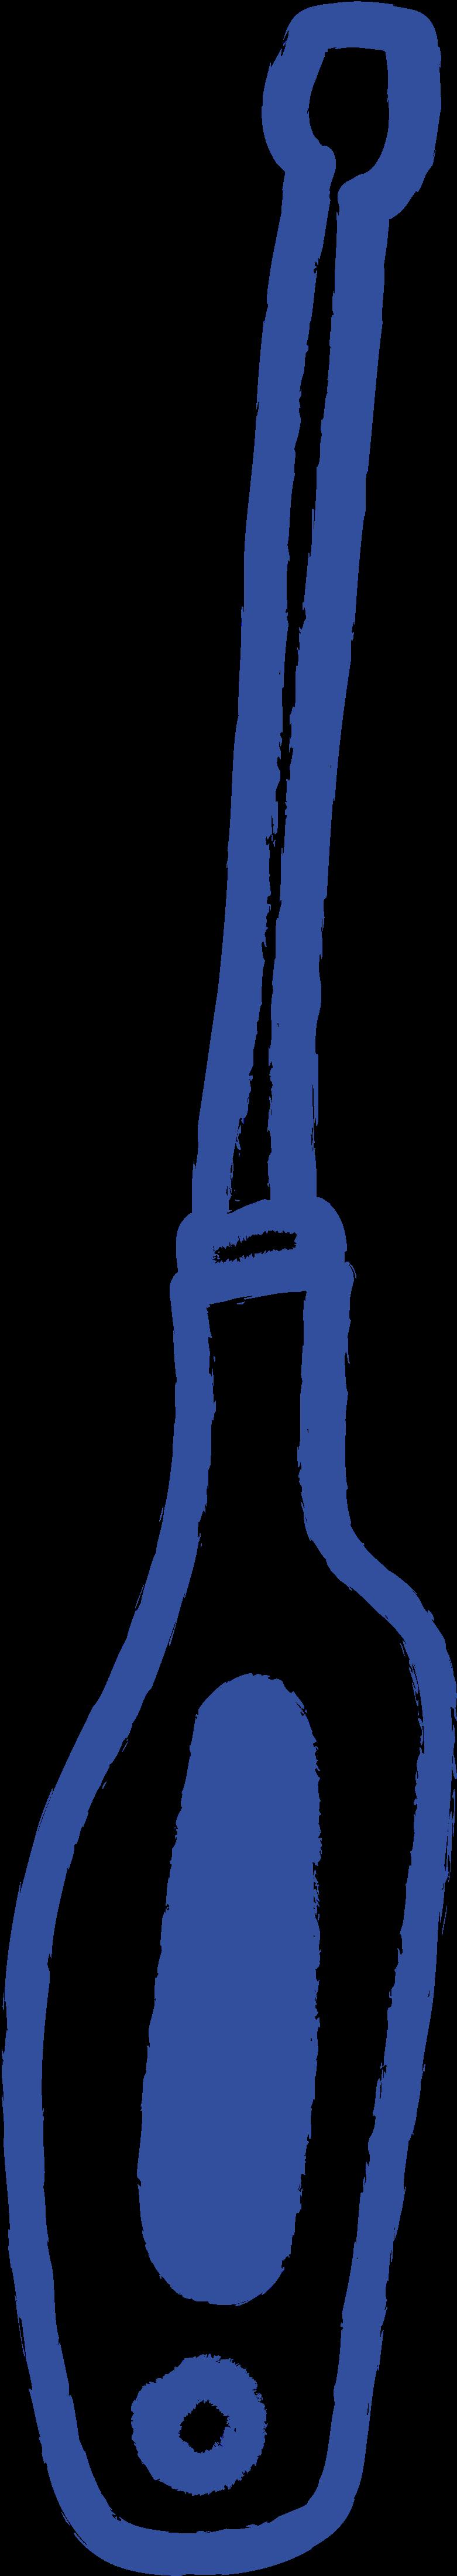 Chave de fenda Clipart illustration in PNG, SVG